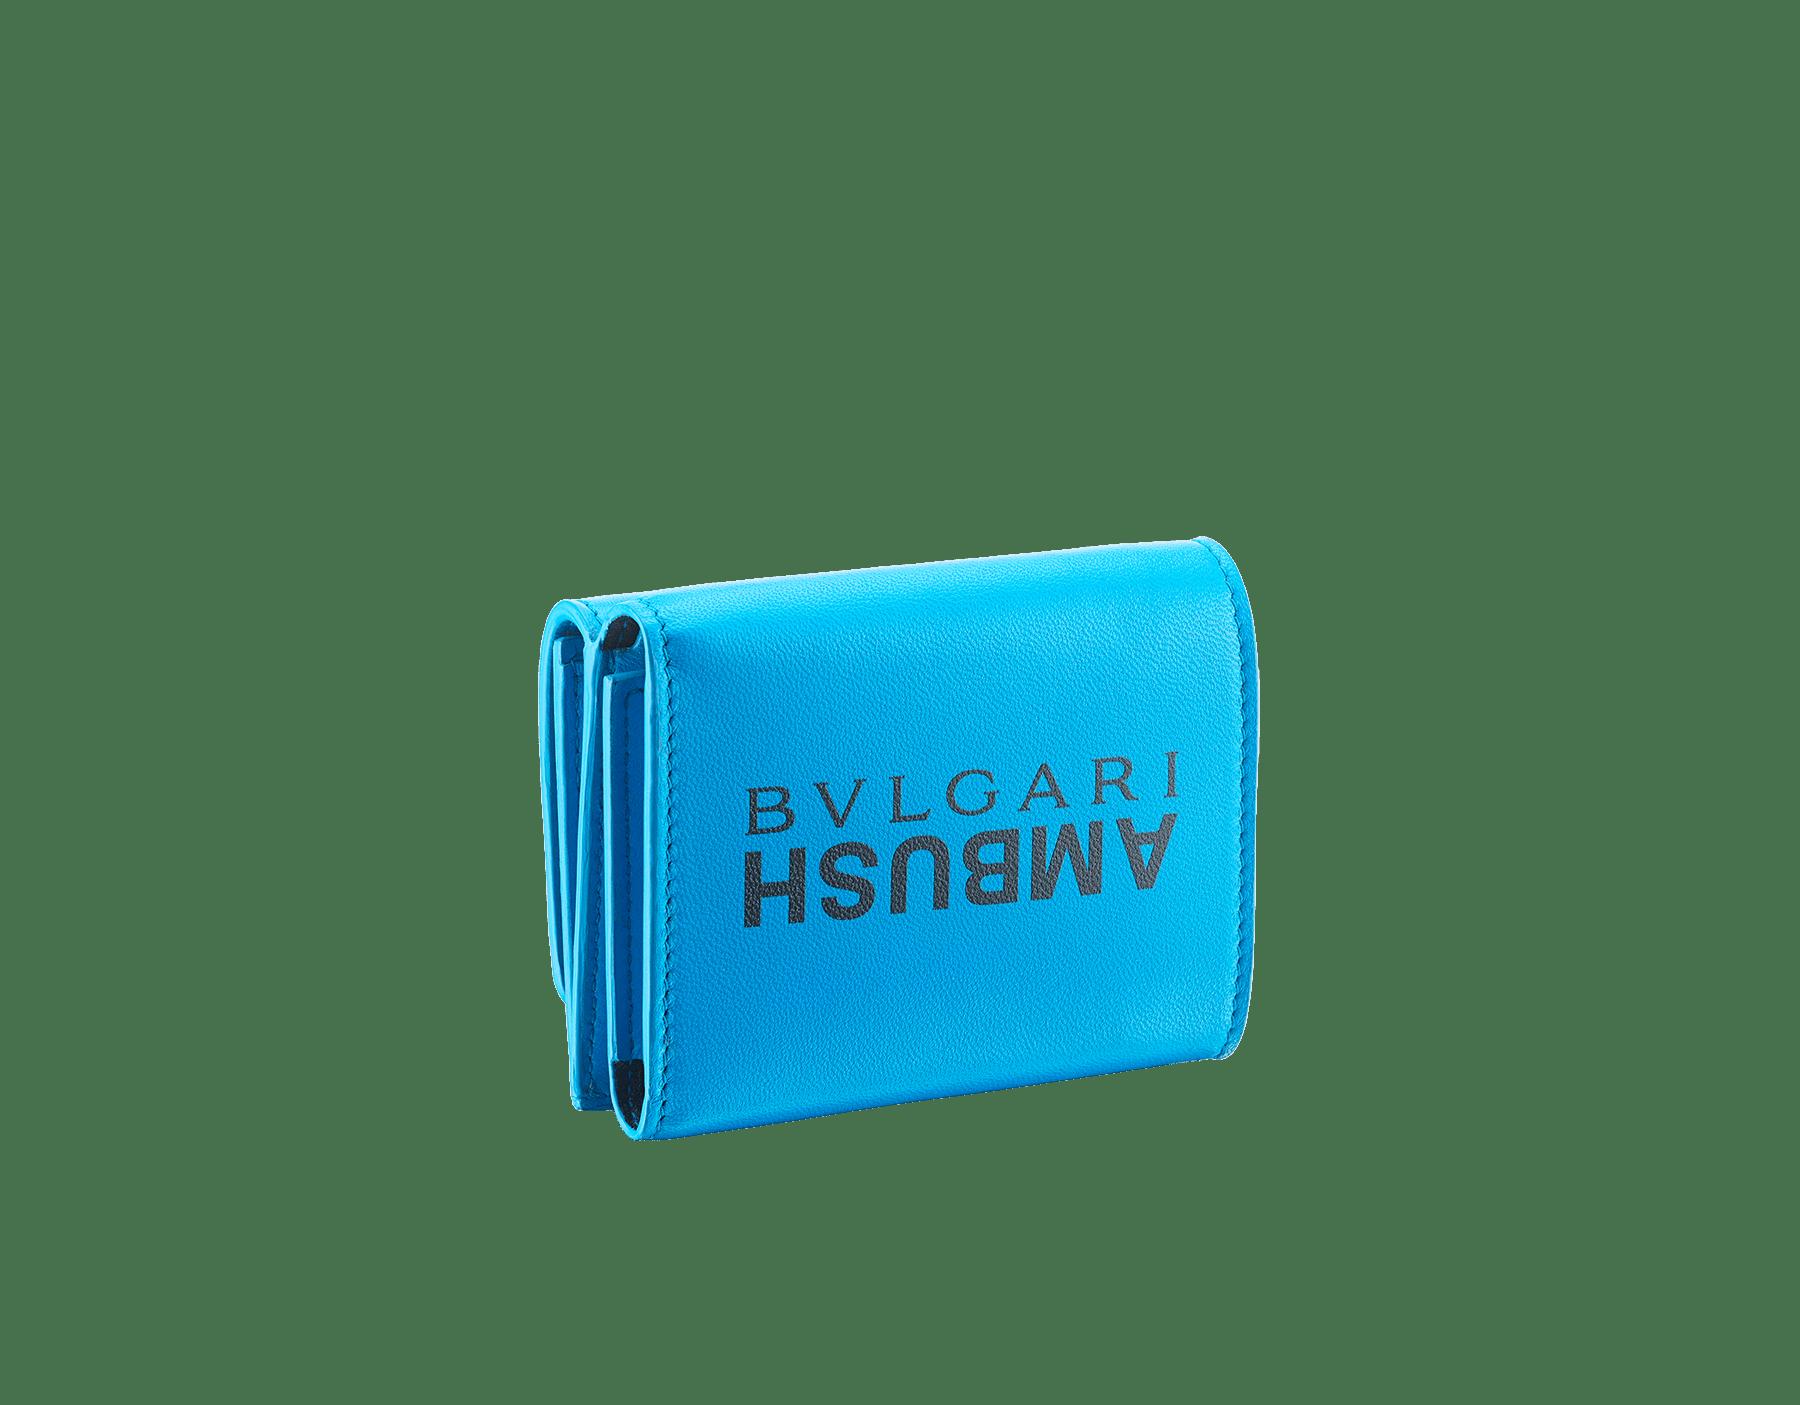 Portefeuille compact mini modèle Ambush x Bvlgari en cuir nappa bleu vif. Motif BVLGARI AMBUSH en laiton plaqué palladium et émail noir d'un côté et imprimé logo BVLGARI AMBUSH de l'autre. Édition limitée. YA-MINICOMPACT image 3